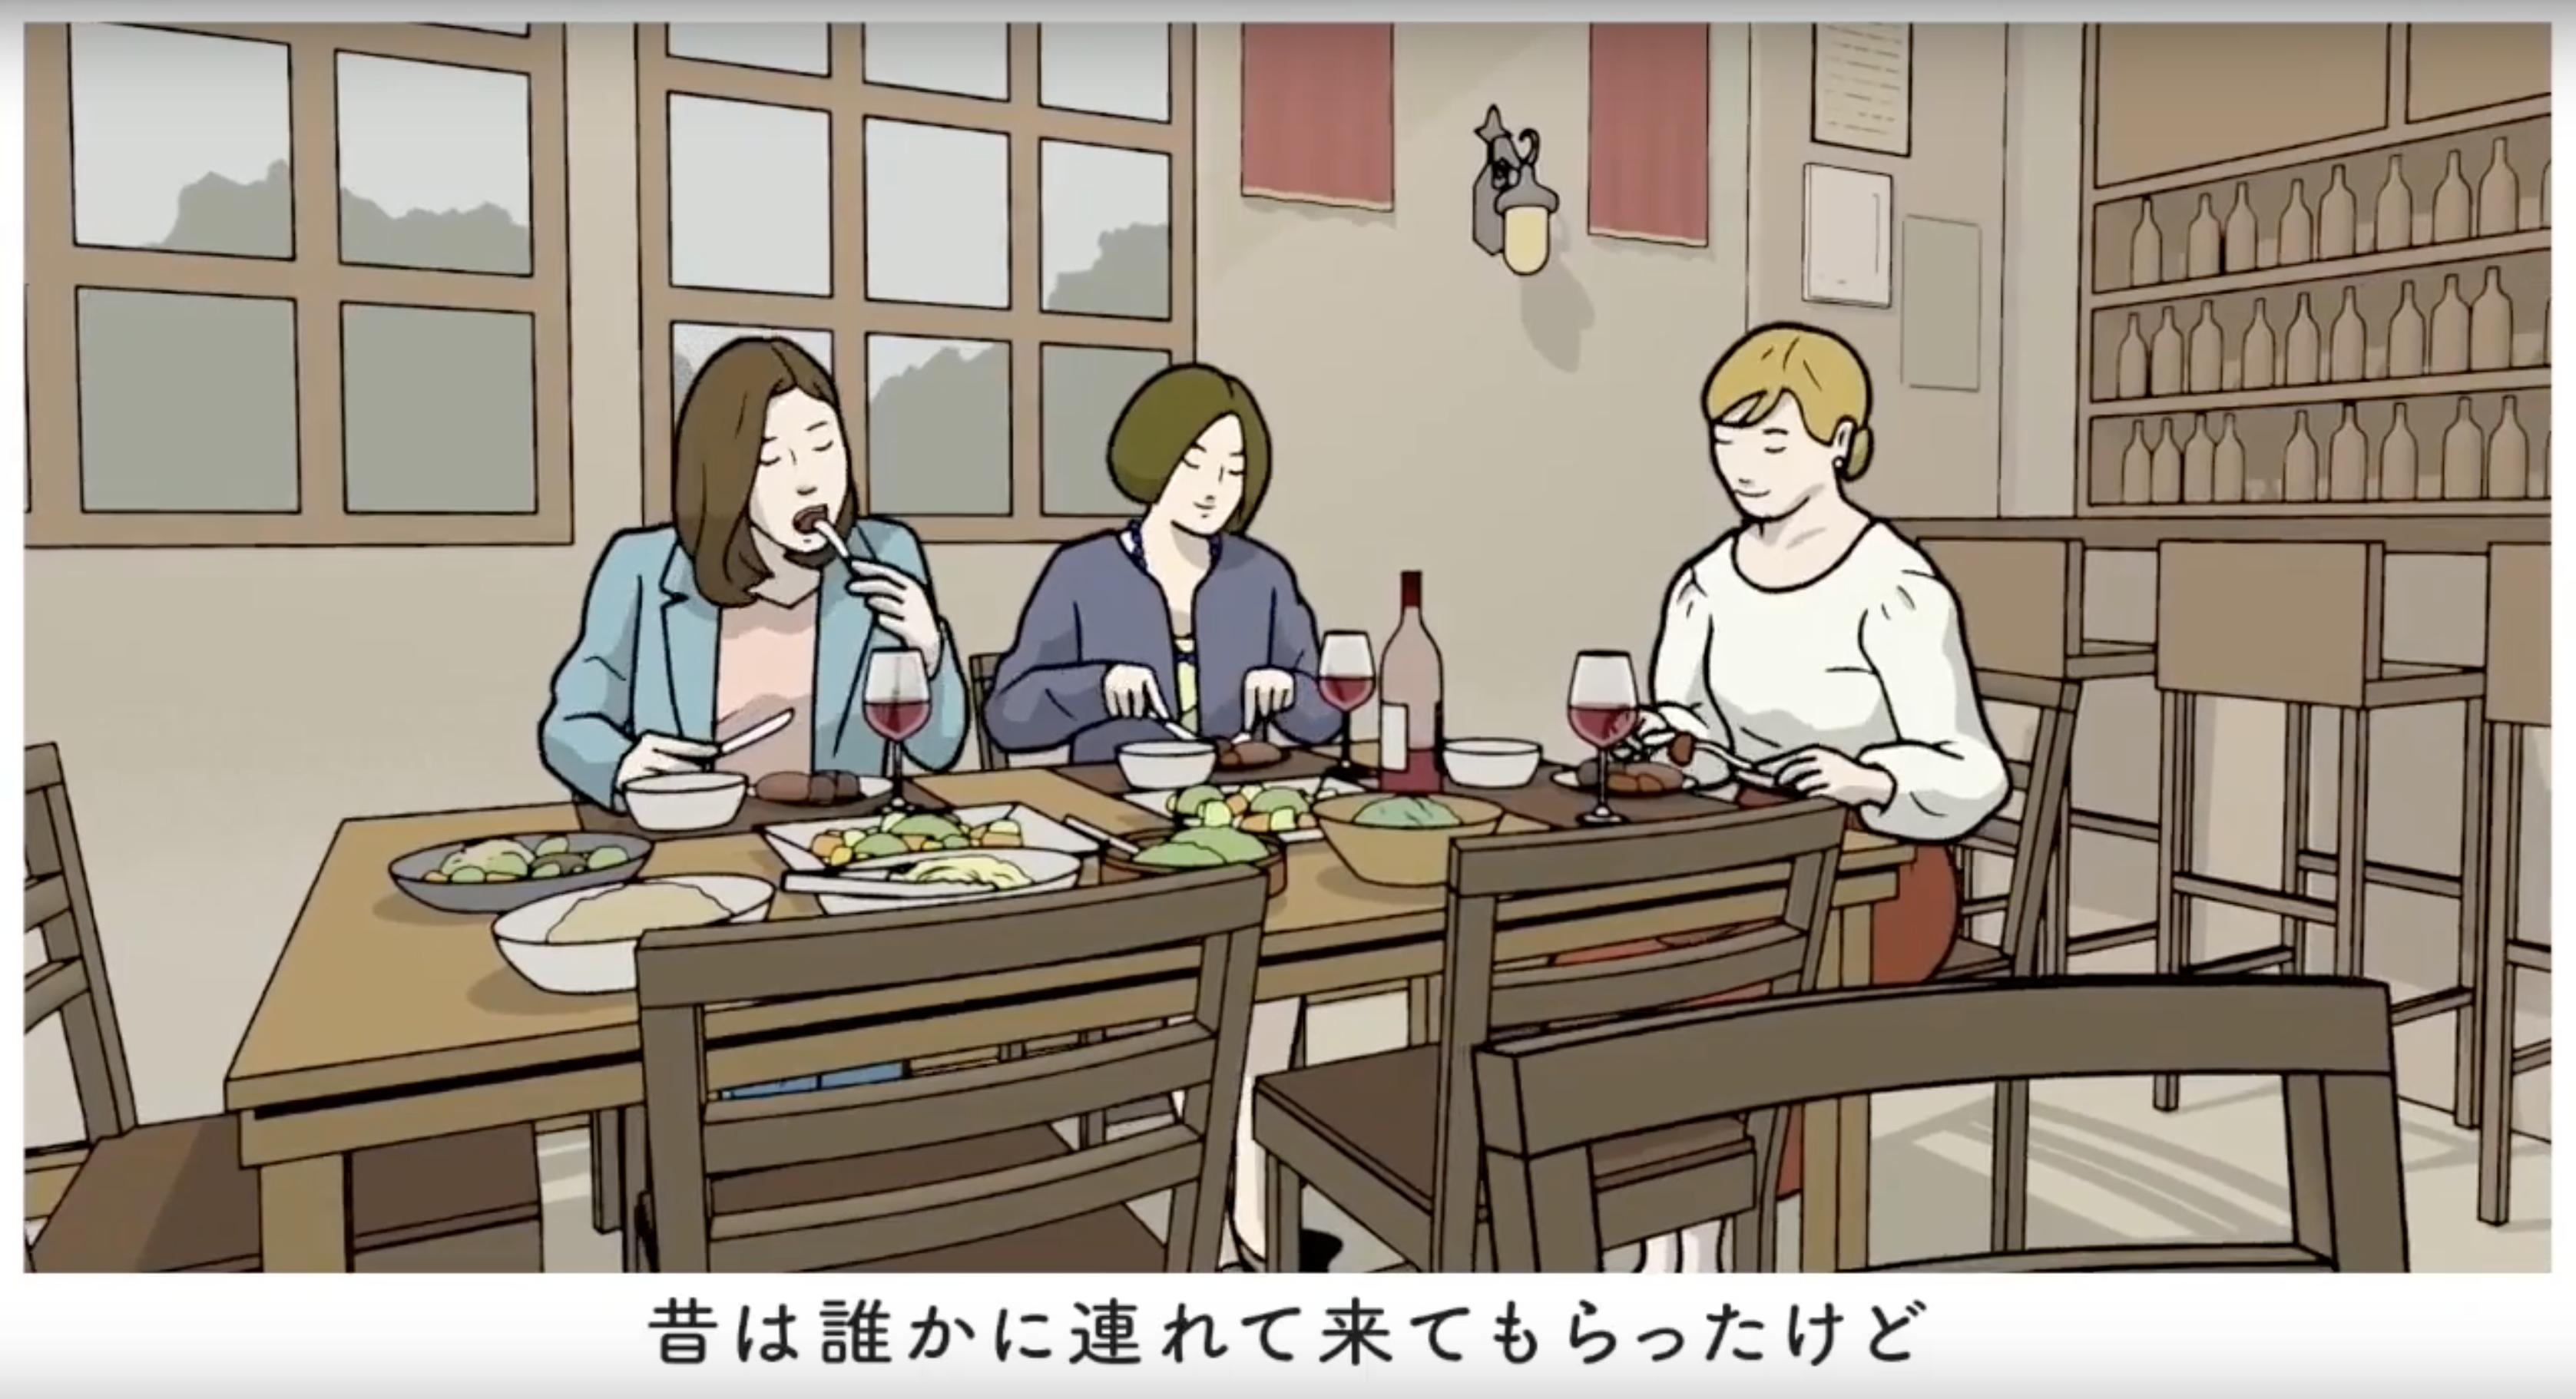 一休レストラン.com 夫婦誕生日 / 贅沢ランチ編